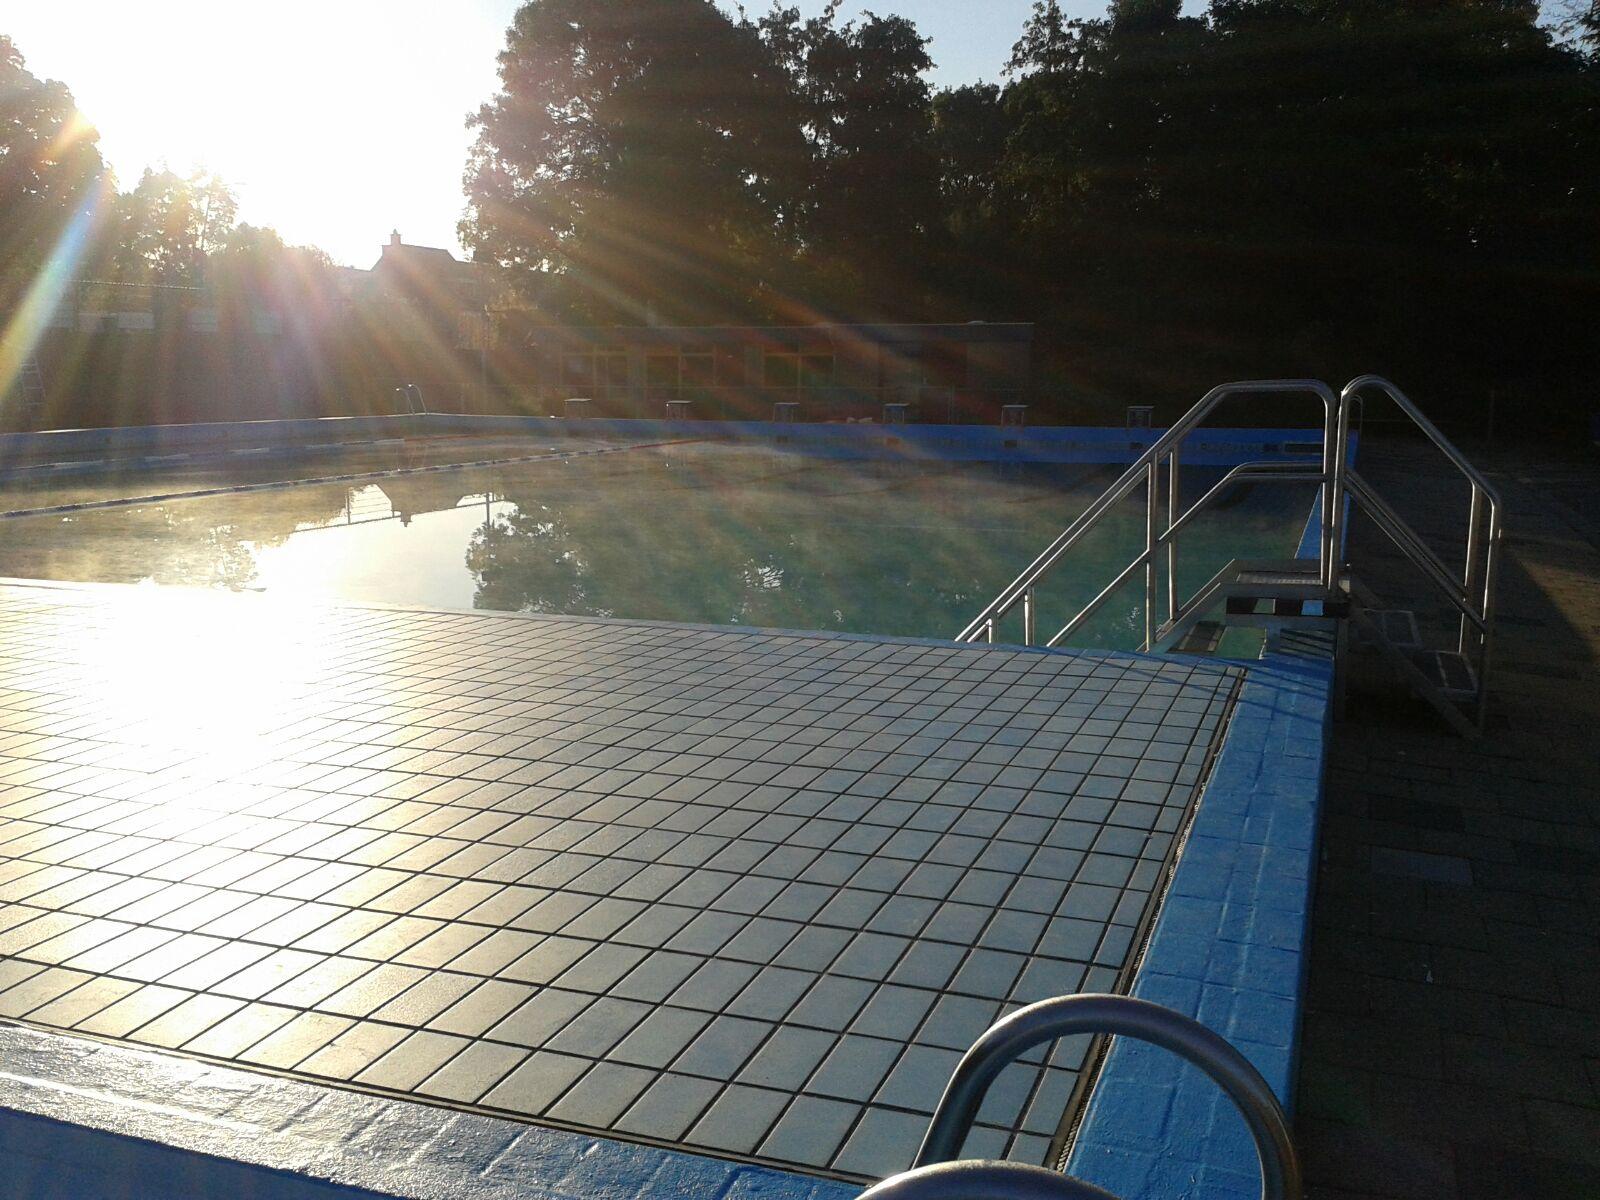 Zwembad de waterman openluchtzwembad in wateringen